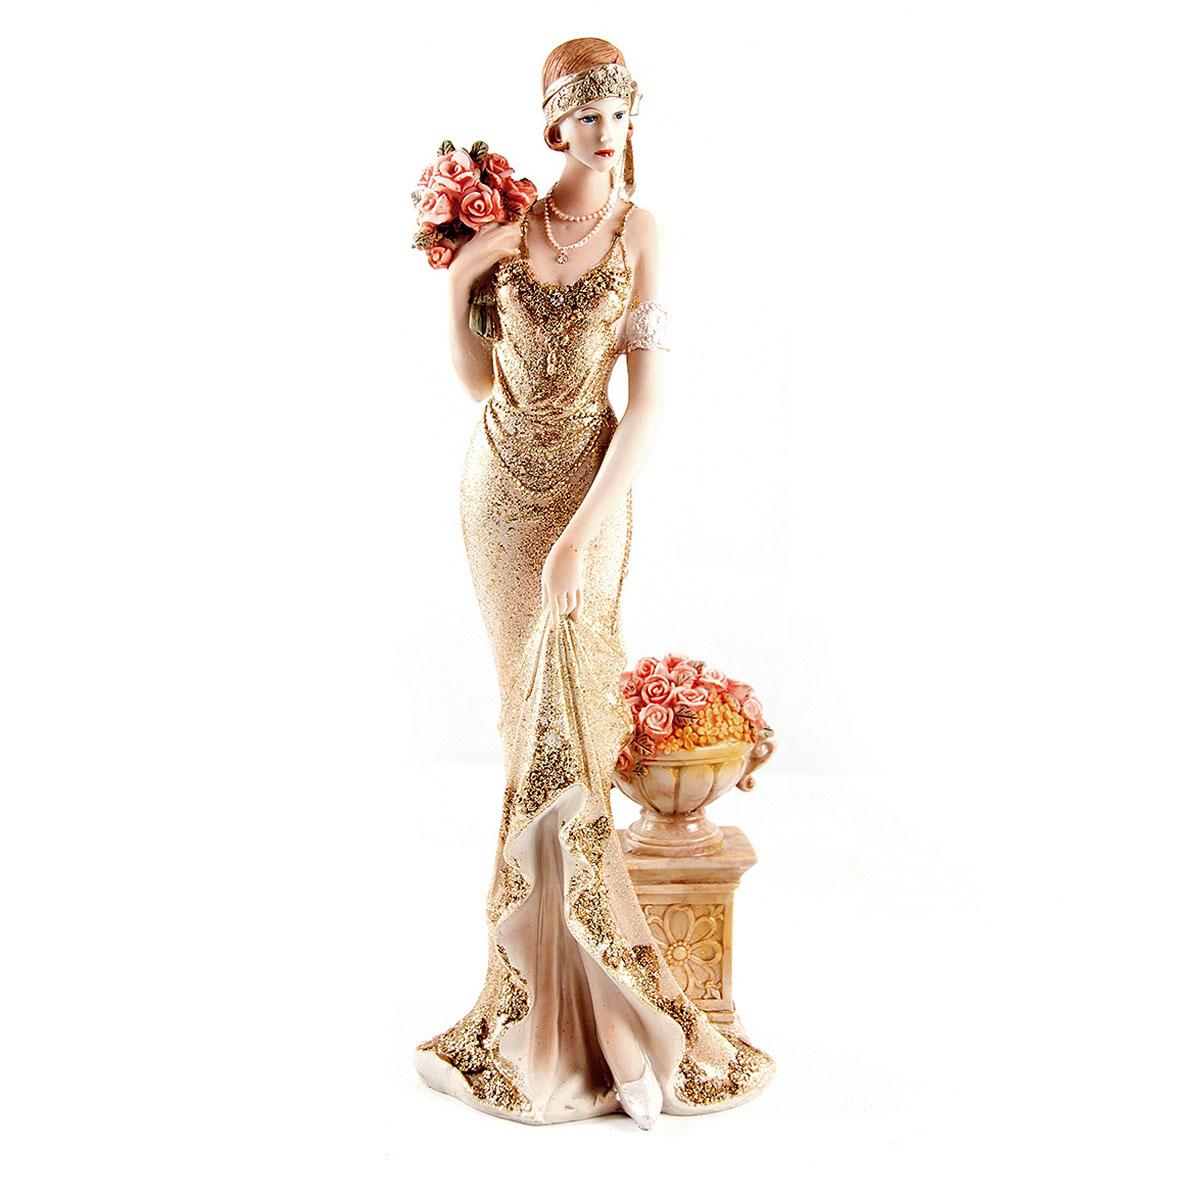 Статуэтка Русские Подарки Мисс Нежность, 13 х 10 х 34 смTHN132NСтатуэтка Русские Подарки Мисс Нежность, изготовленная изполистоуна, имеет изысканный внешний вид. Изделие станет прекрасным украшением интерьерагостиной, офиса или дома. Вы можете поставить статуэтку влюбое место, где она будет удачно смотреться и радоватьглаз. Правила ухода: регулярно вытирать пыль сухой, мягкой тканью.